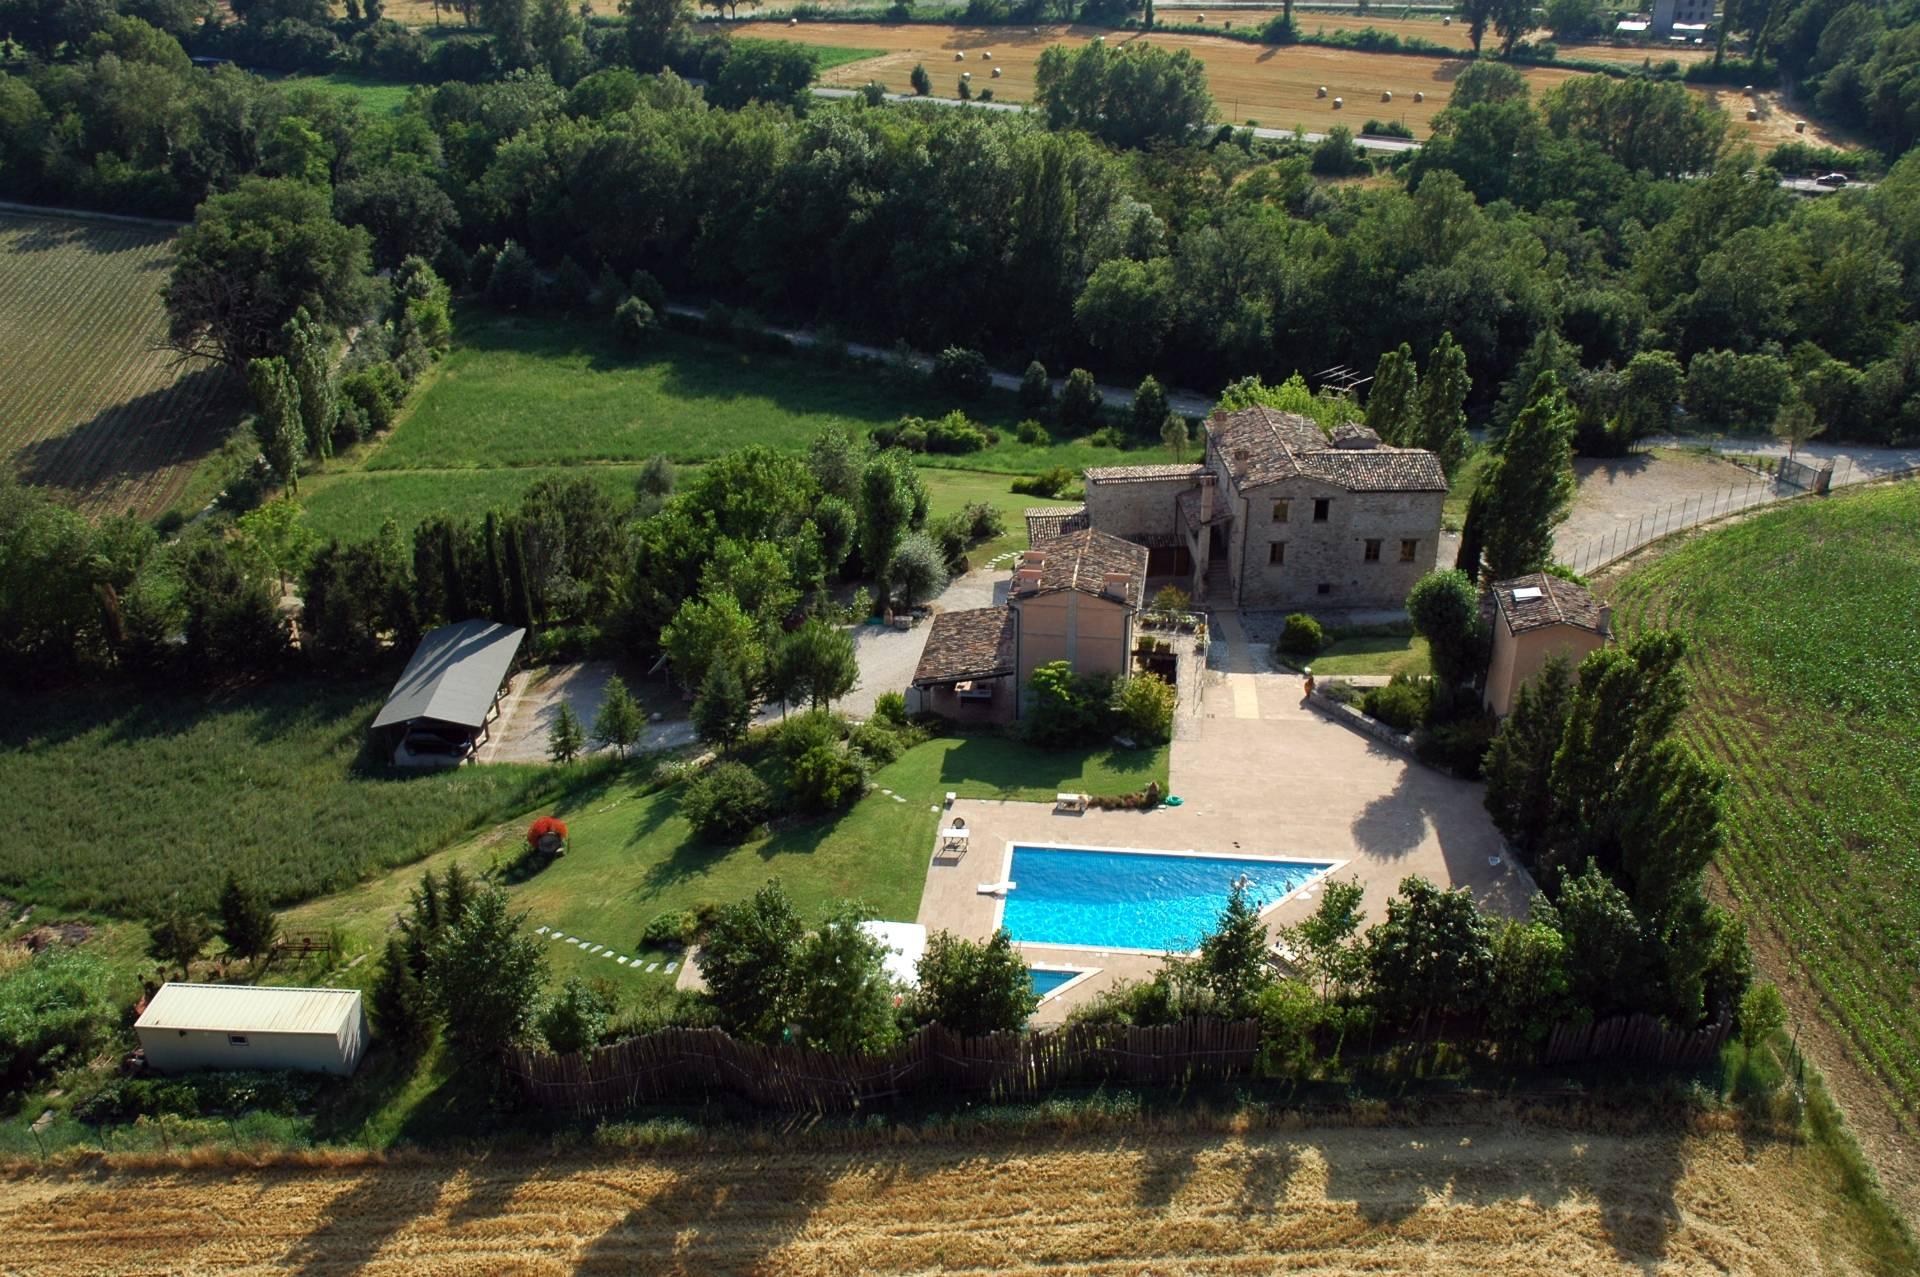 Rustico in Vendita a Montone: 5 locali, 700 mq - Foto 2